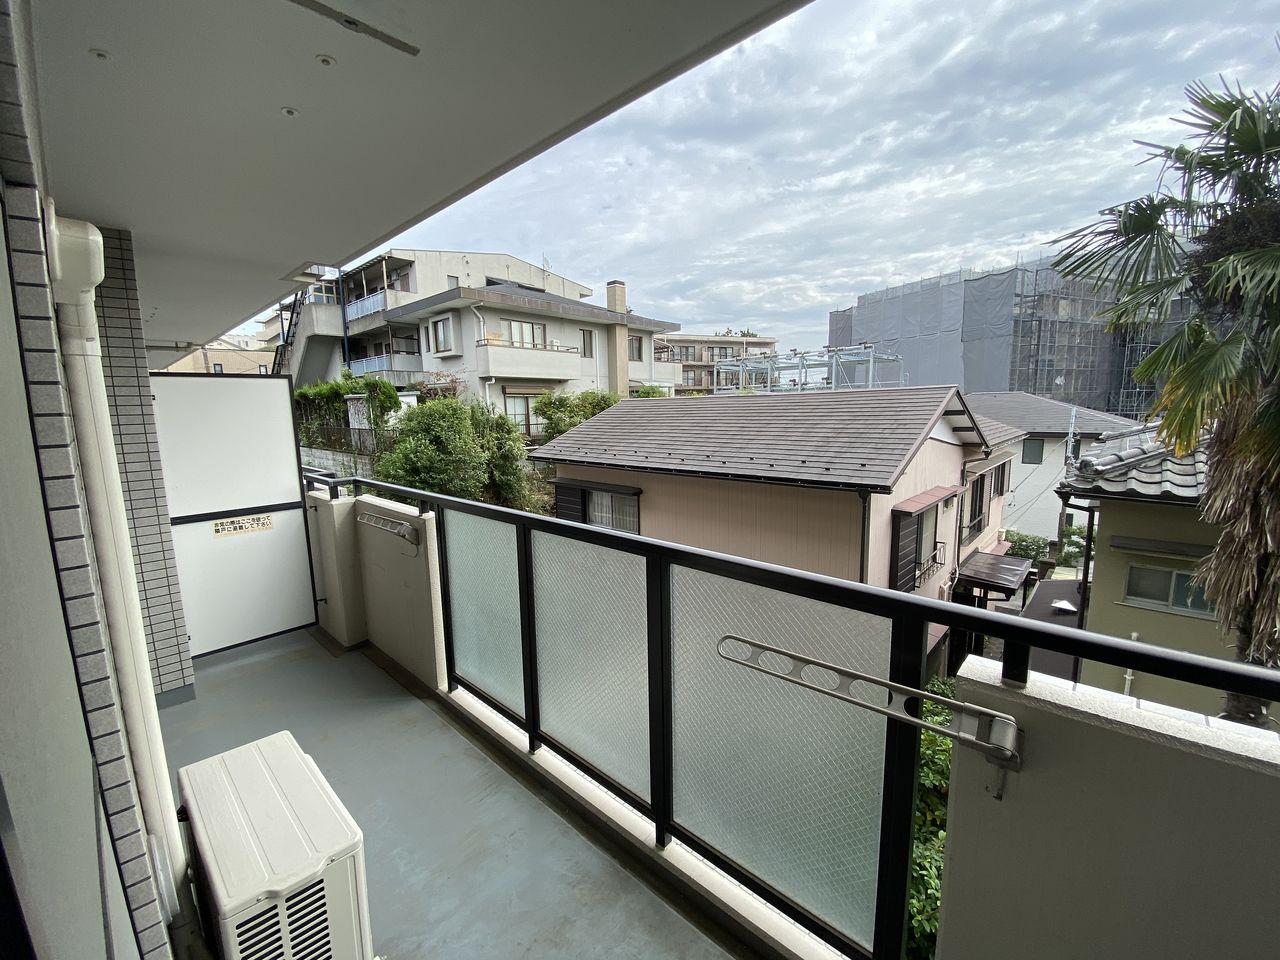 EV付たまプラーザ駅2分のマンションの第5正美ビルのバルコニーからの眺望